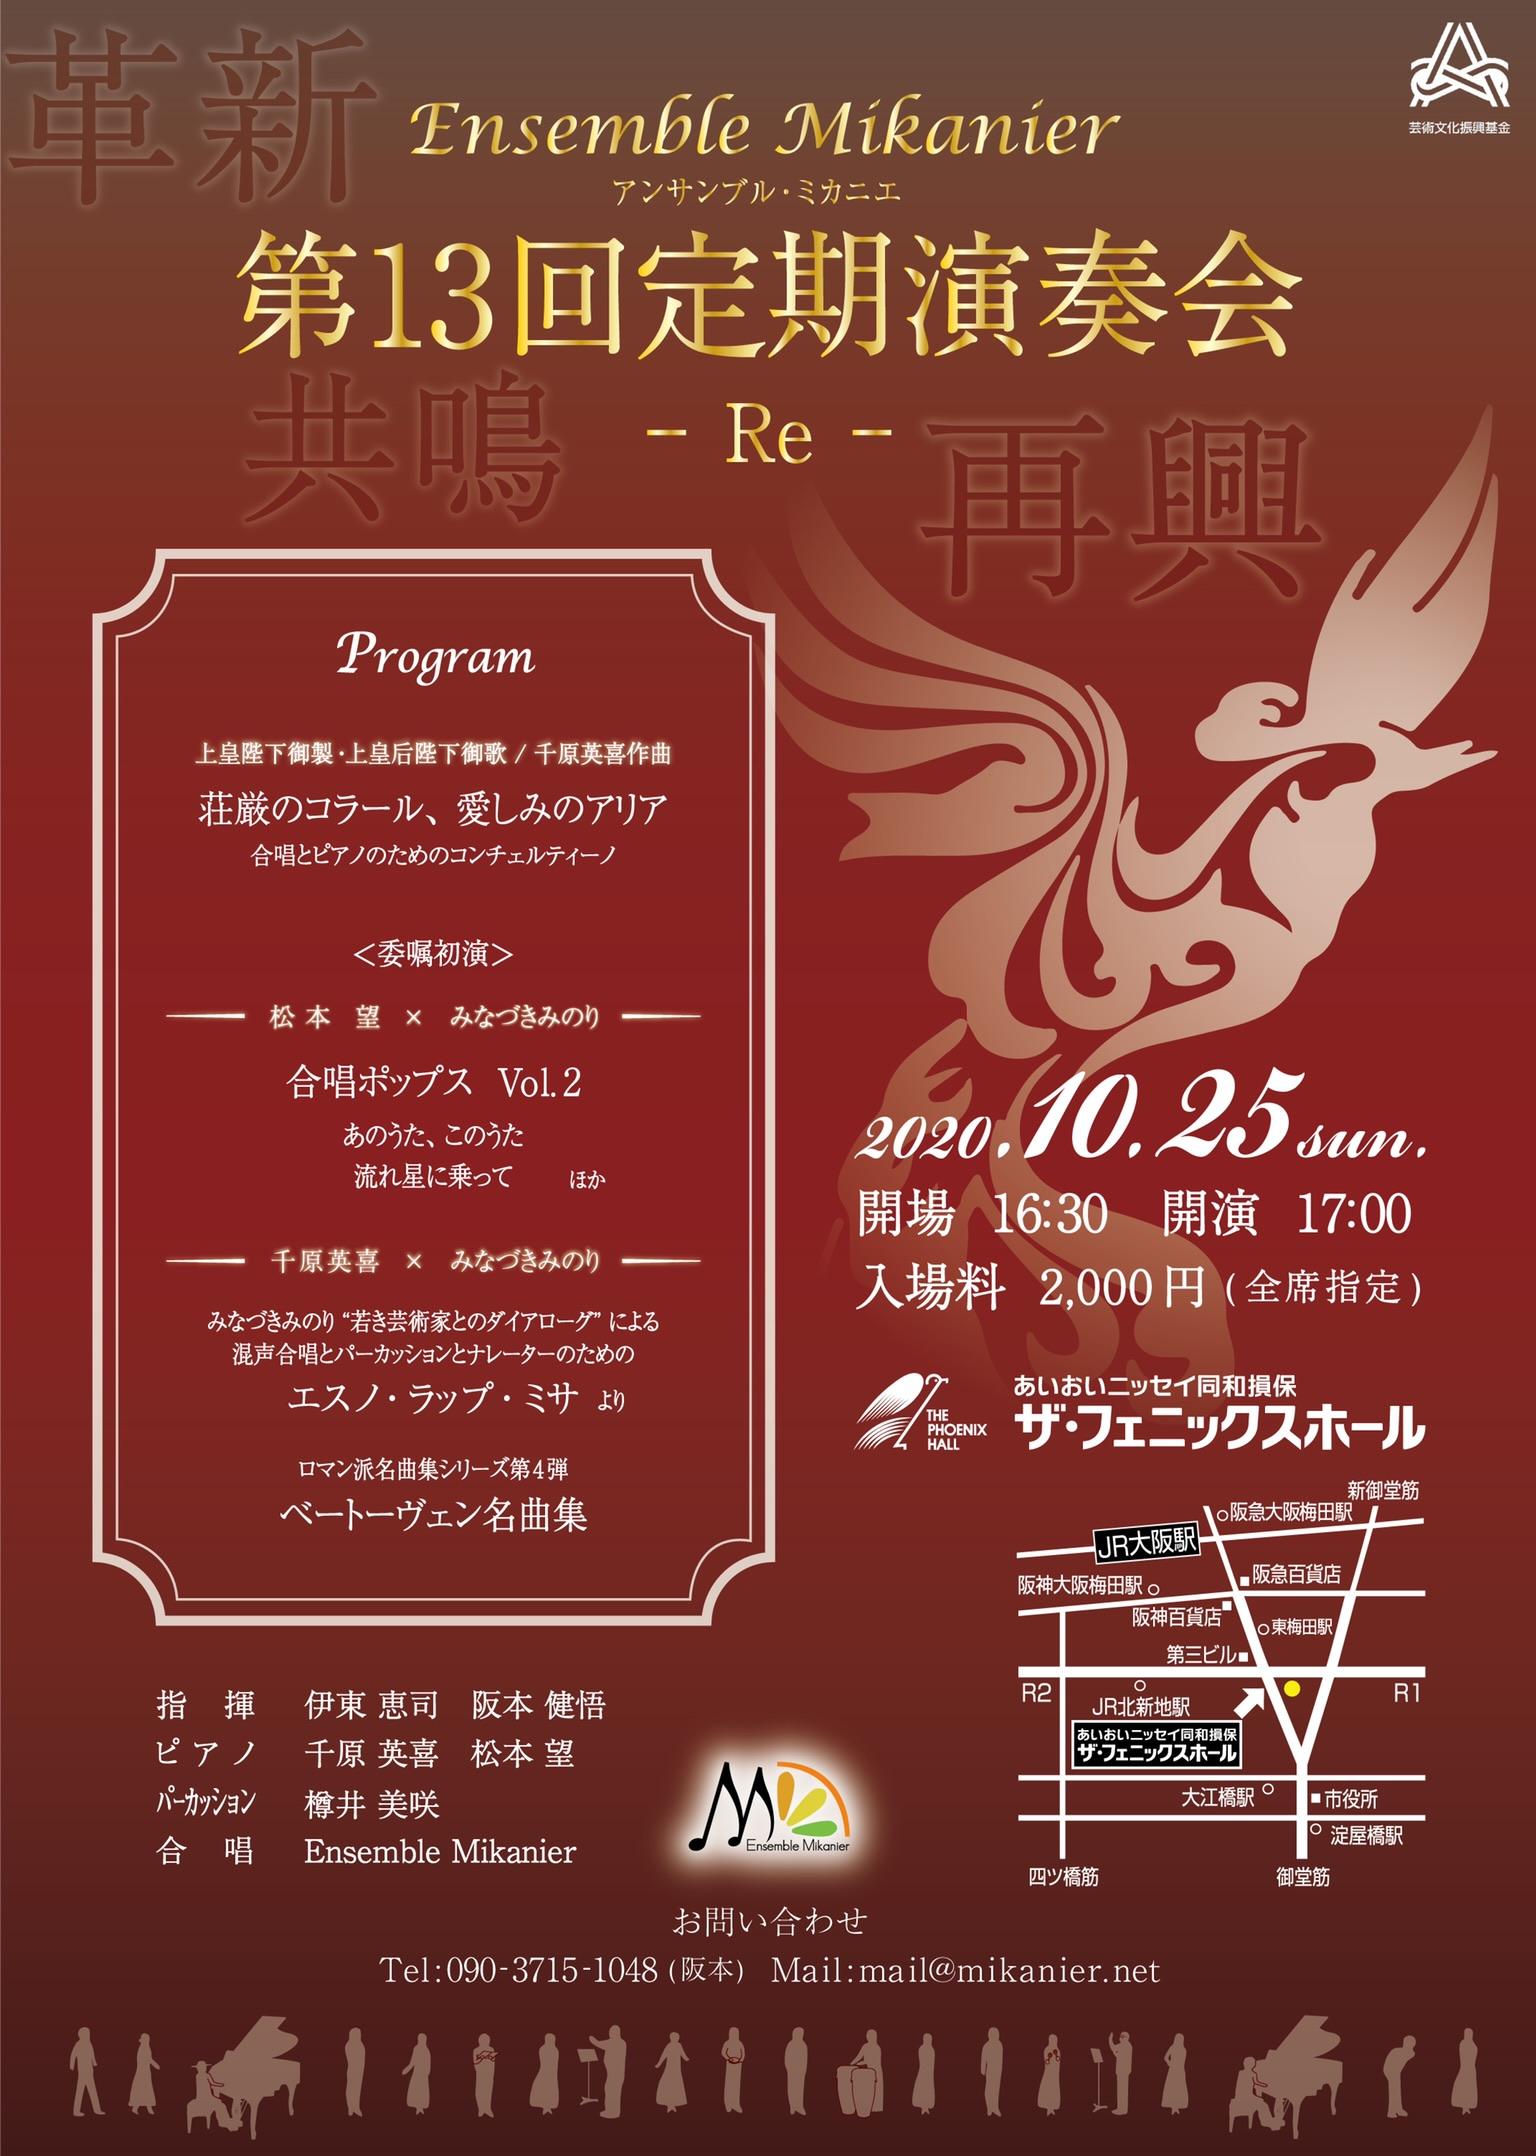 Ensemble Mikanier 第13回定期演奏会 - Re -